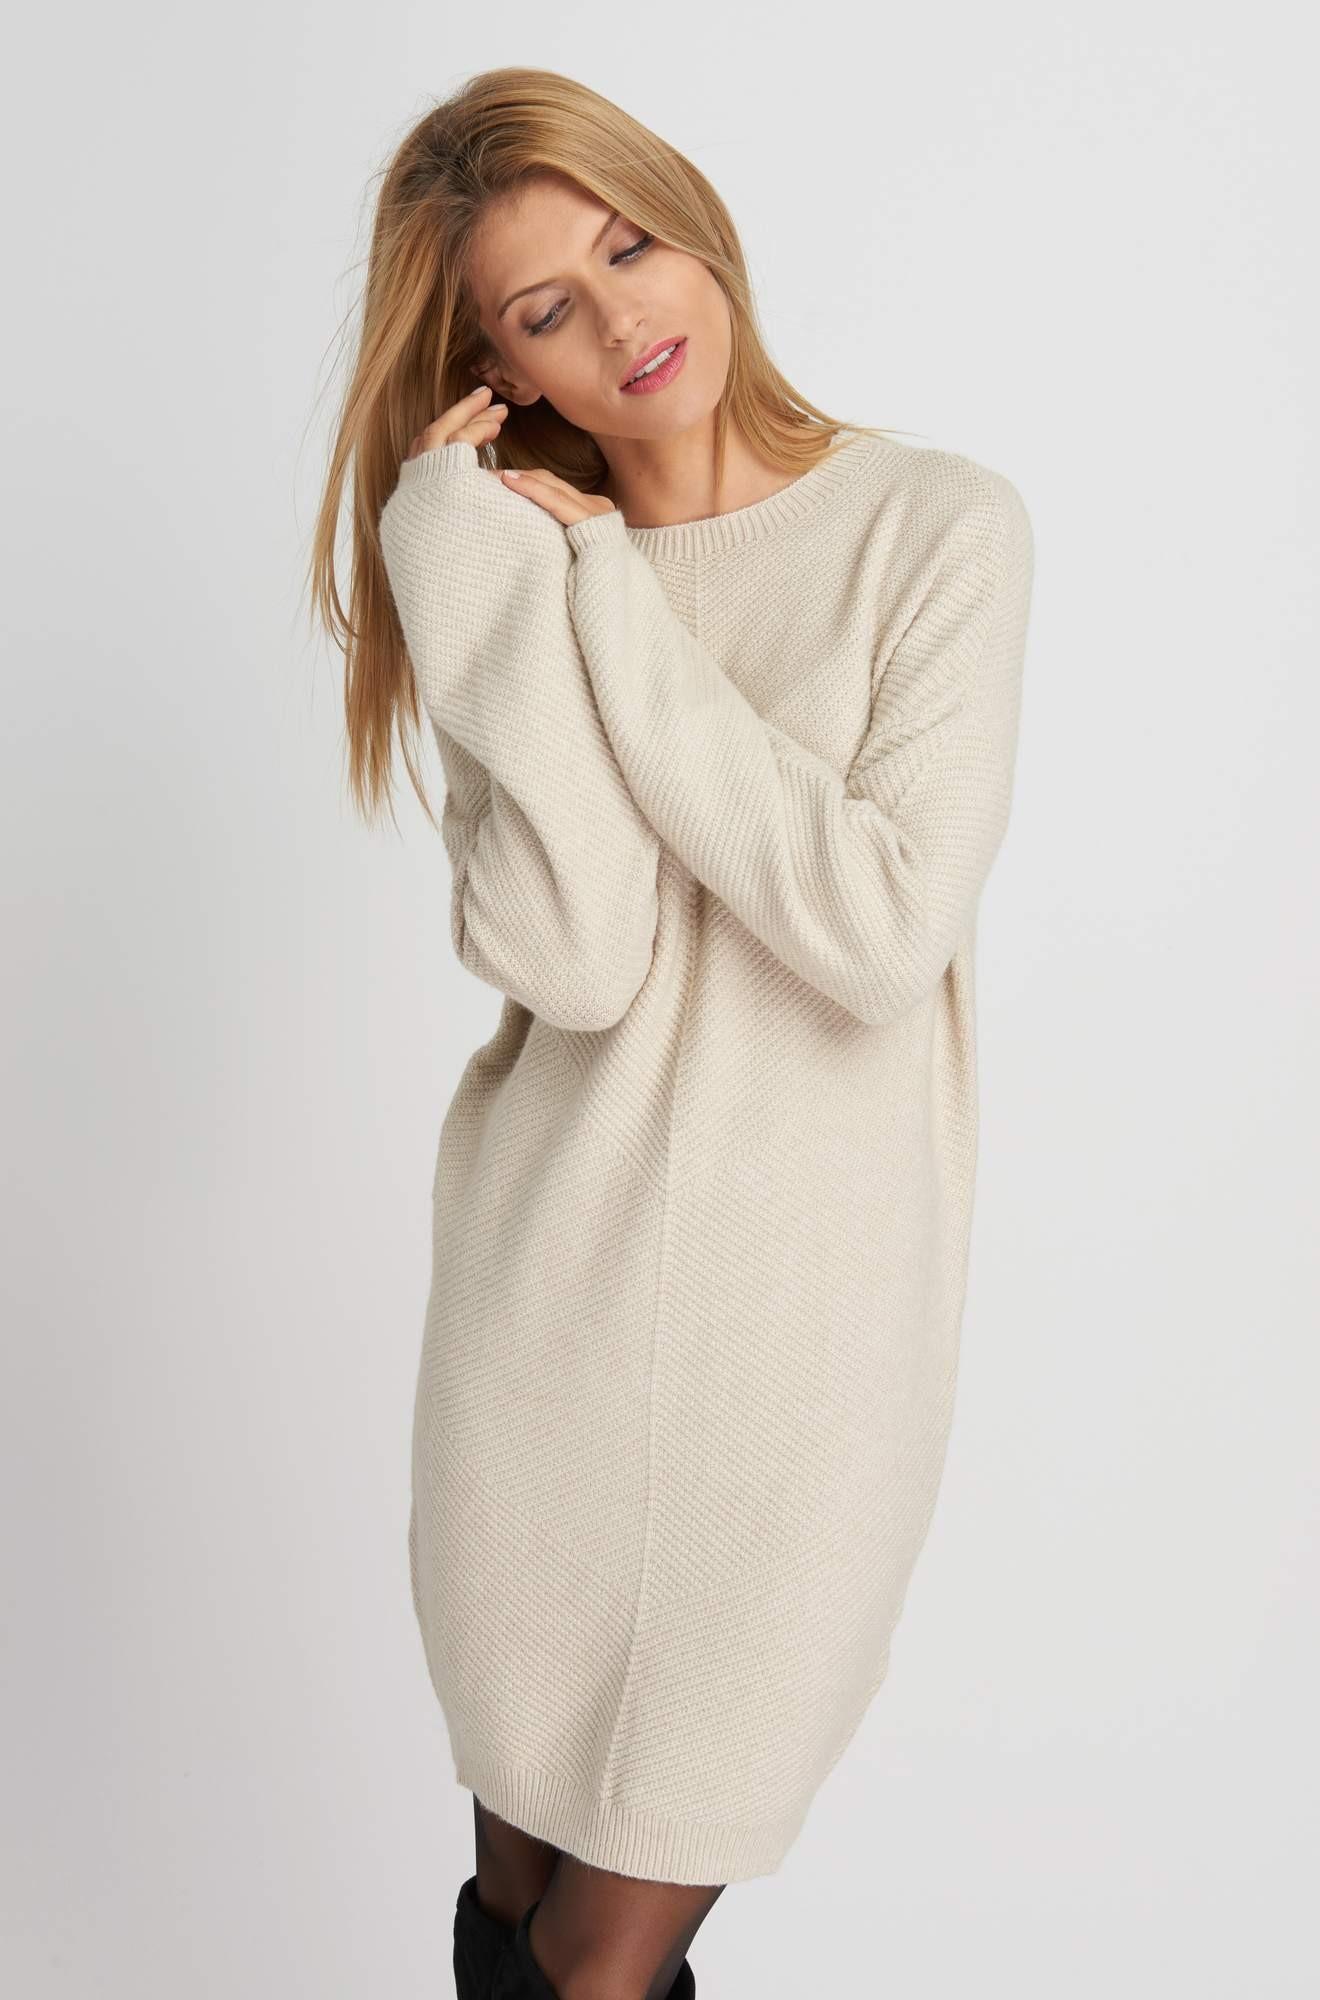 0a039e32c1 ORSAY mohito dzianinowa sukienka oversize beż xs - 7170029194 ...